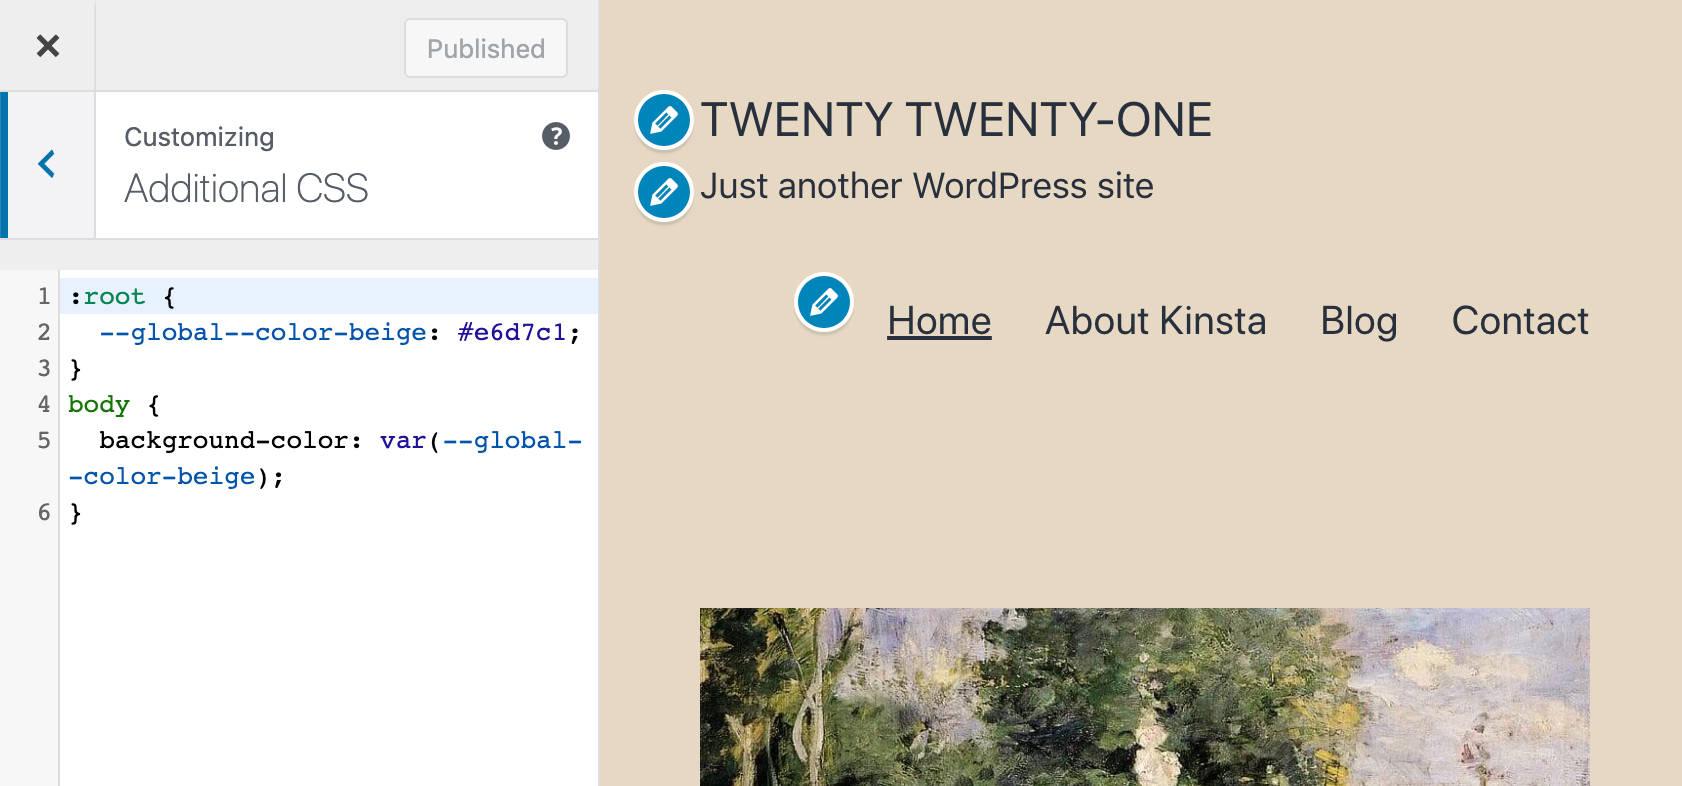 Le CSS personnalisé dans la personnalisation de Twenty Twenty-One